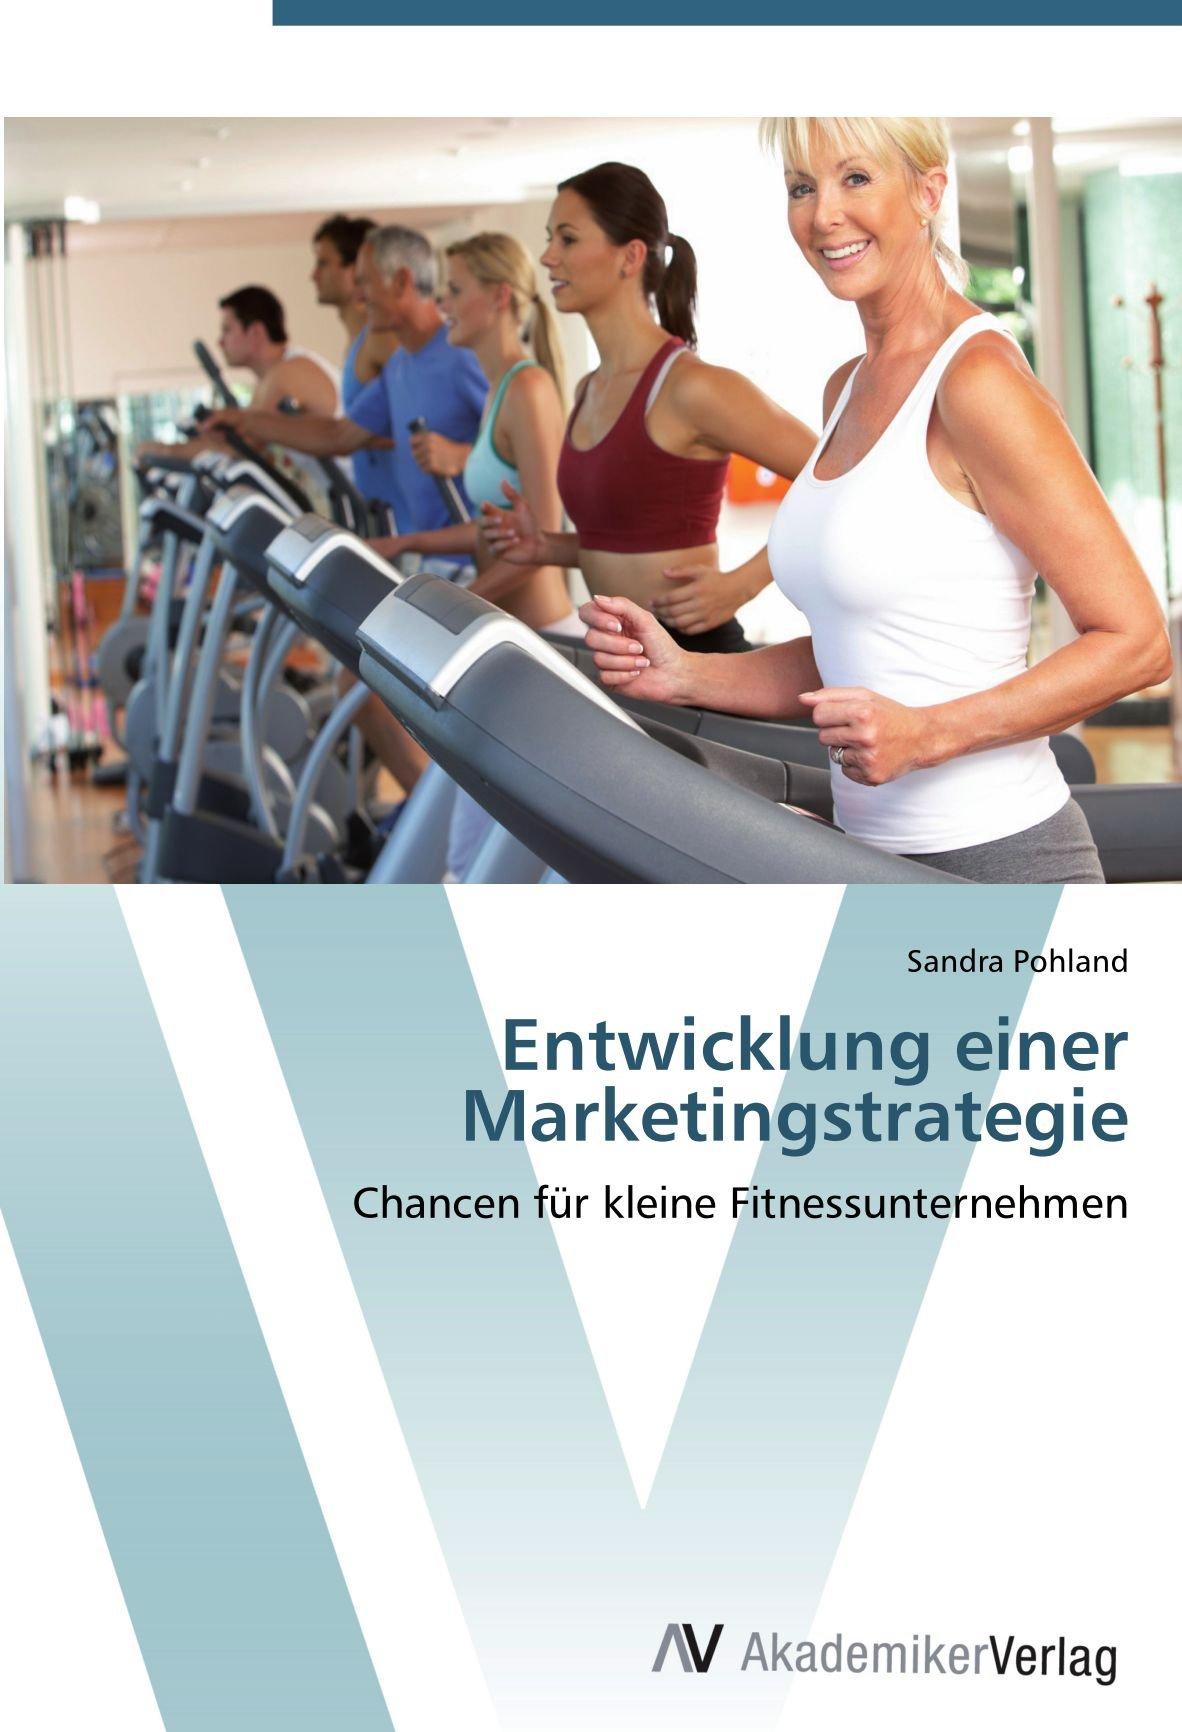 Entwicklung einer Marketingstrategie: Chancen für kleine Fitnessunternehmen